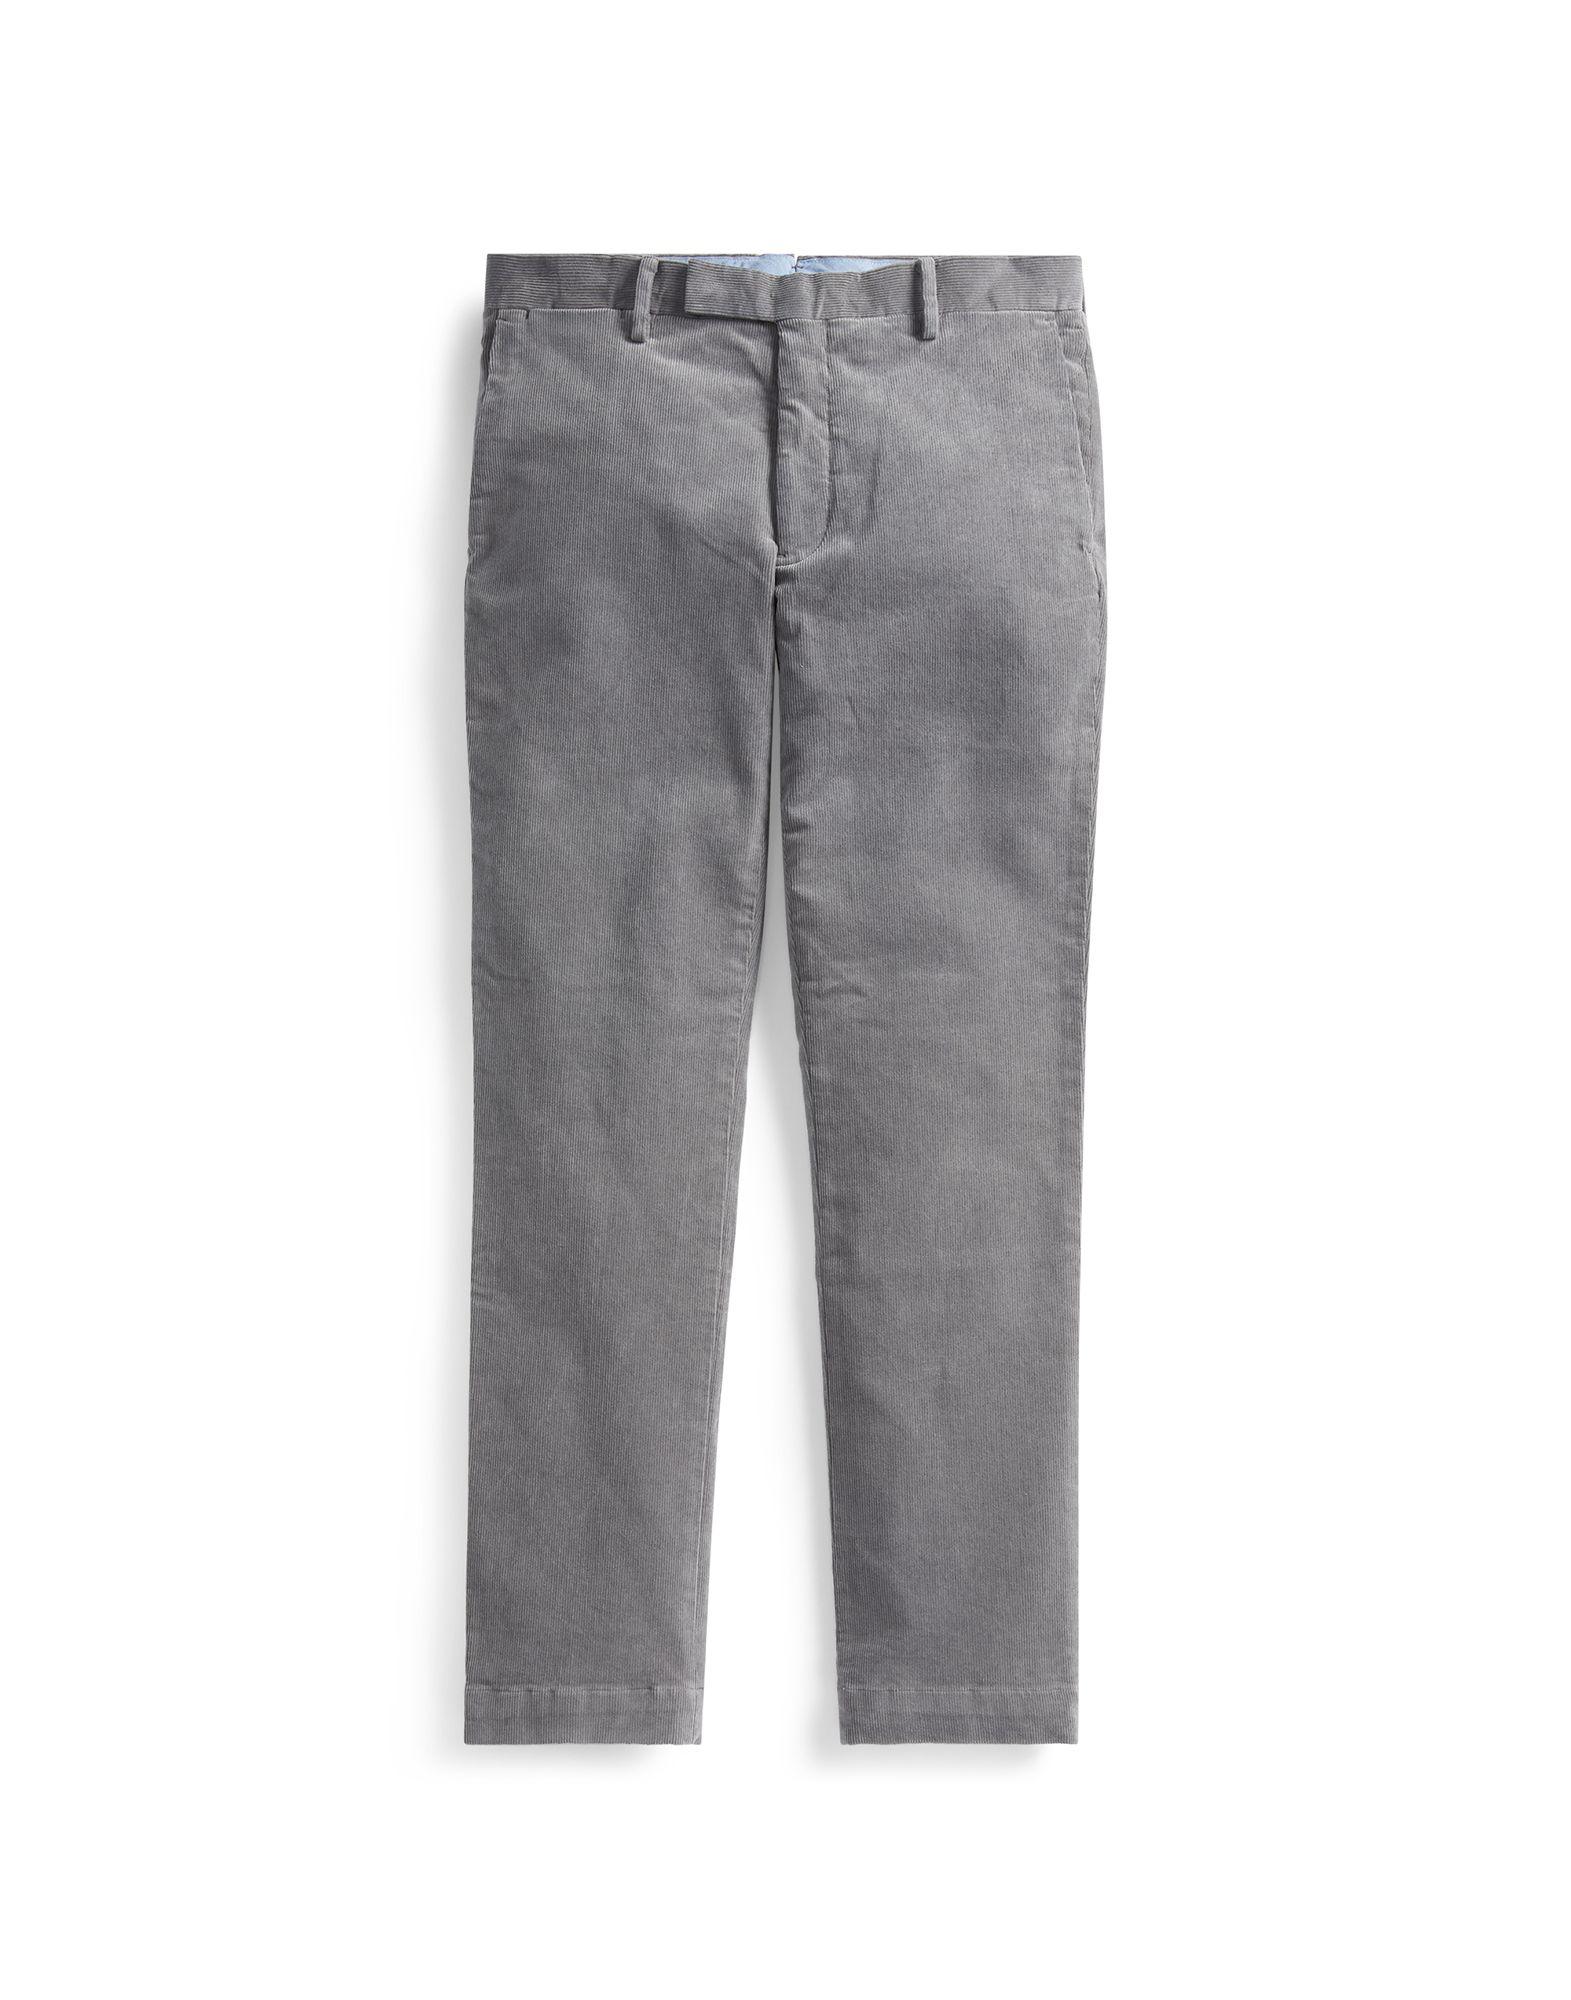 《セール開催中》POLO RALPH LAUREN メンズ パンツ グレー 30W-34L コットン 99% / ポリウレタン 1% Stretch Slim Fit Corduroy Pant